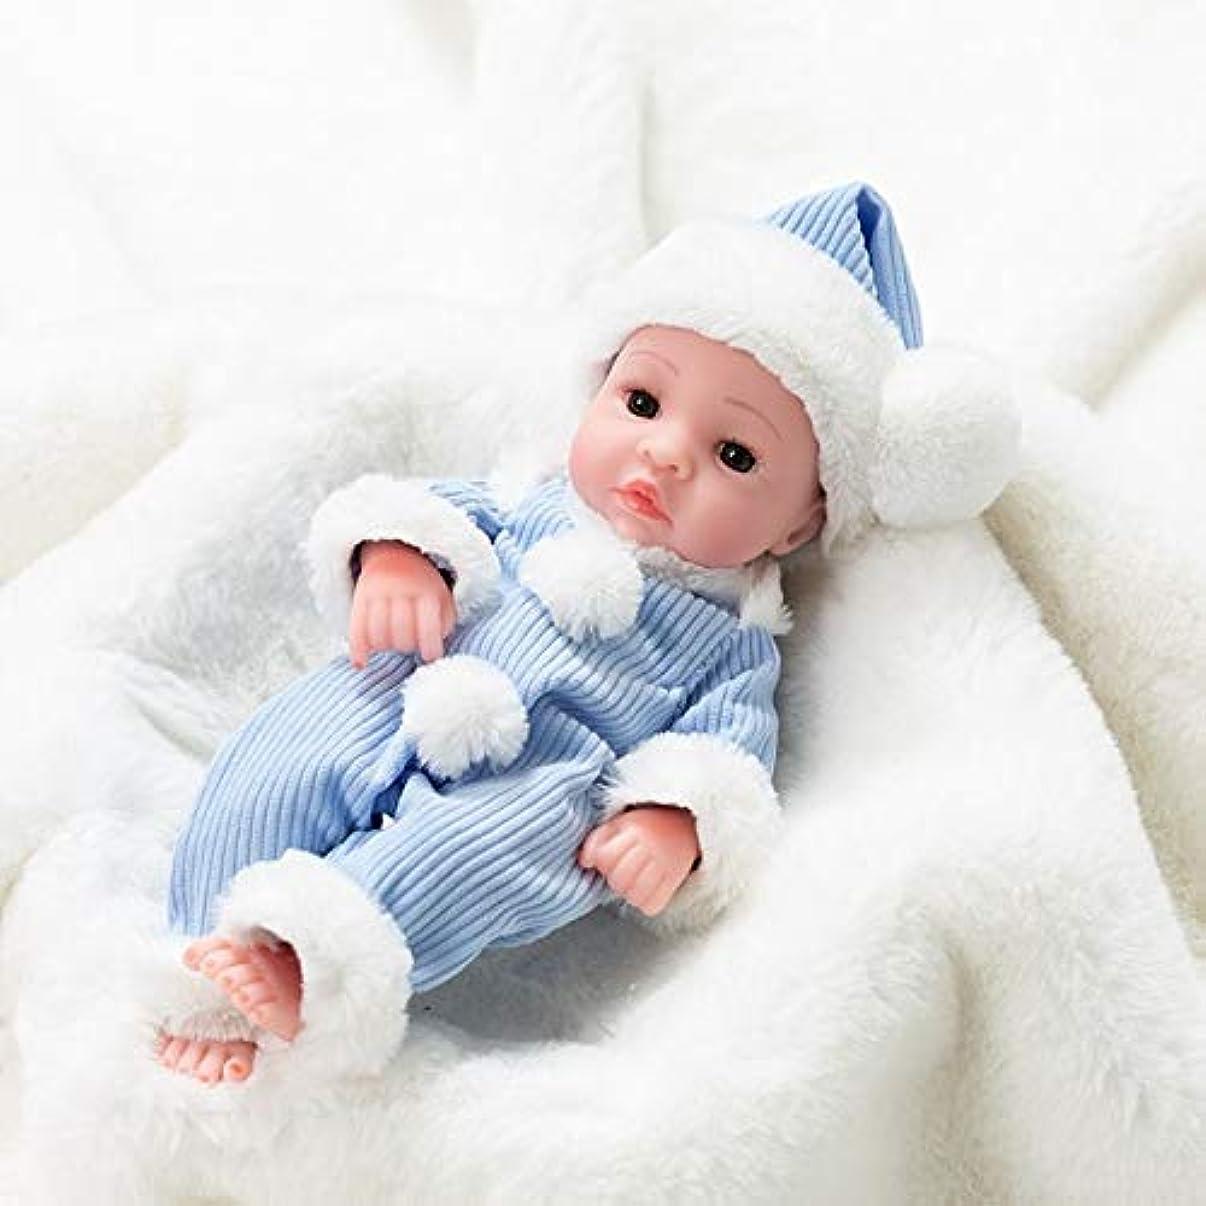 失敗遠足関連するLZDD 35センチメートルラブリーベビードールリボーンフル?ソフトシリコーンの現実的なリボーン赤ちゃんのボディリアルアライブ赤ちゃんのおもちゃ女の子の子供のギフト人形のために (Color : Purple, Size : 35cm)